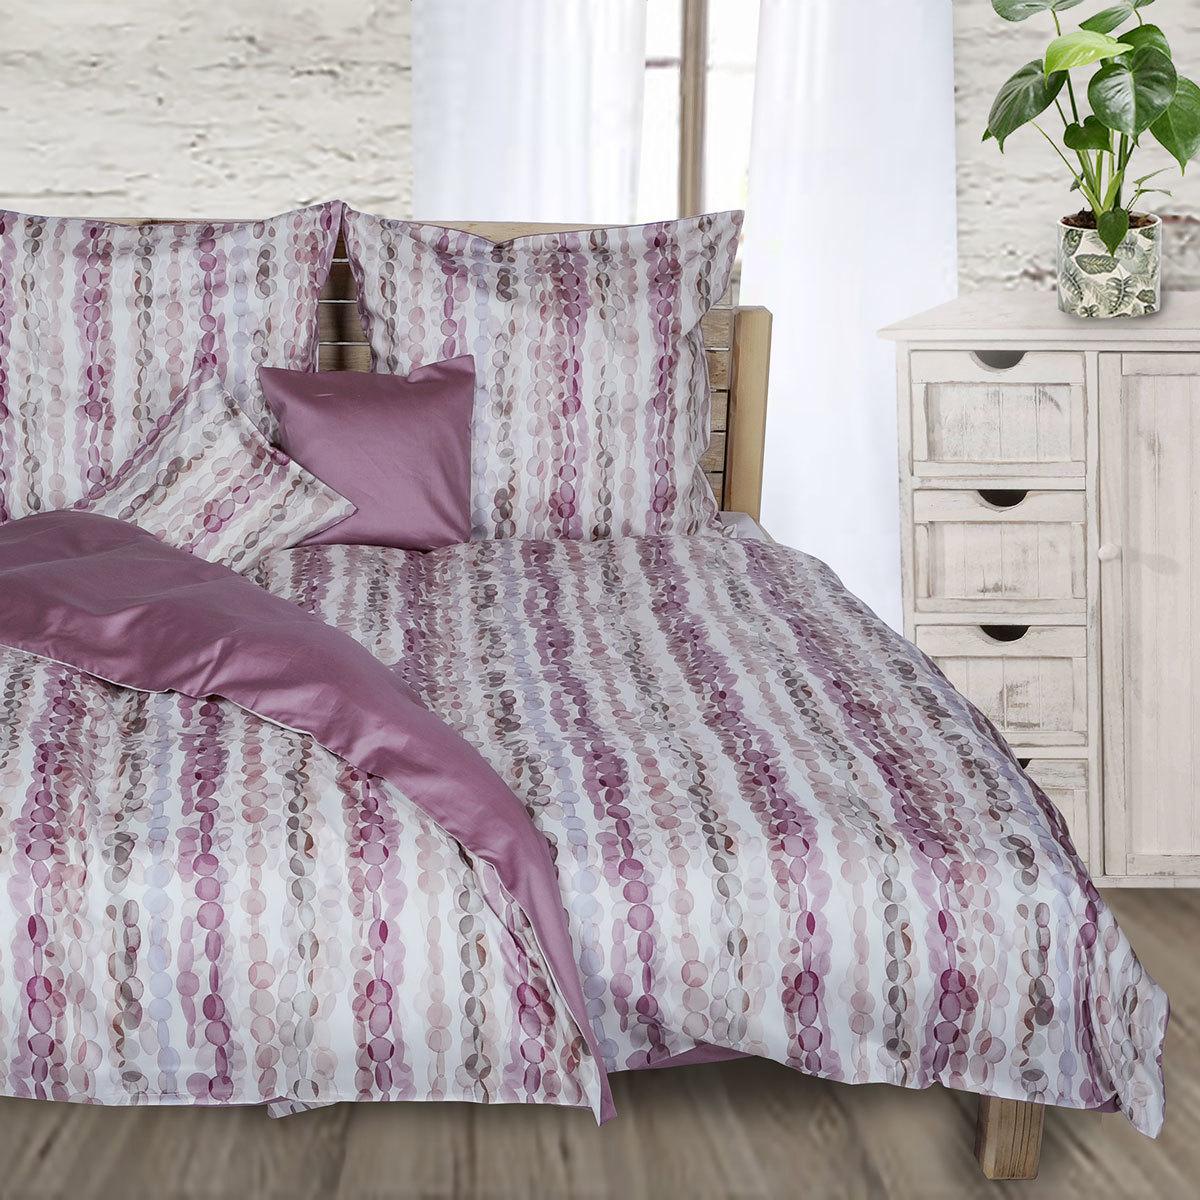 Mauve Stoff Bettwäsche Garnituren Online Kaufen Möbel Suchmaschine